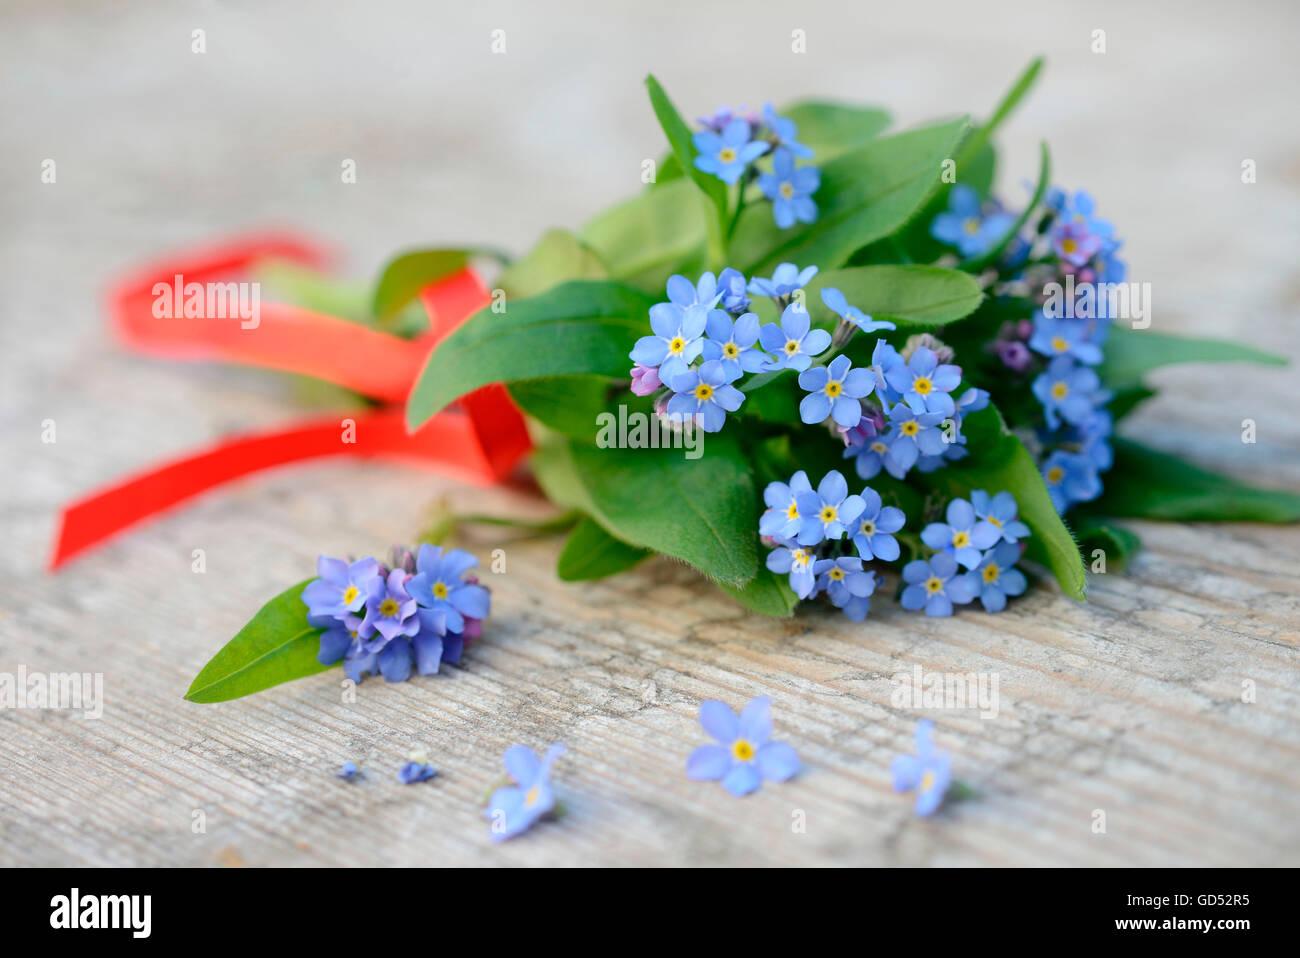 Forgetmenot / (Myosotis spec.) Stock Photo